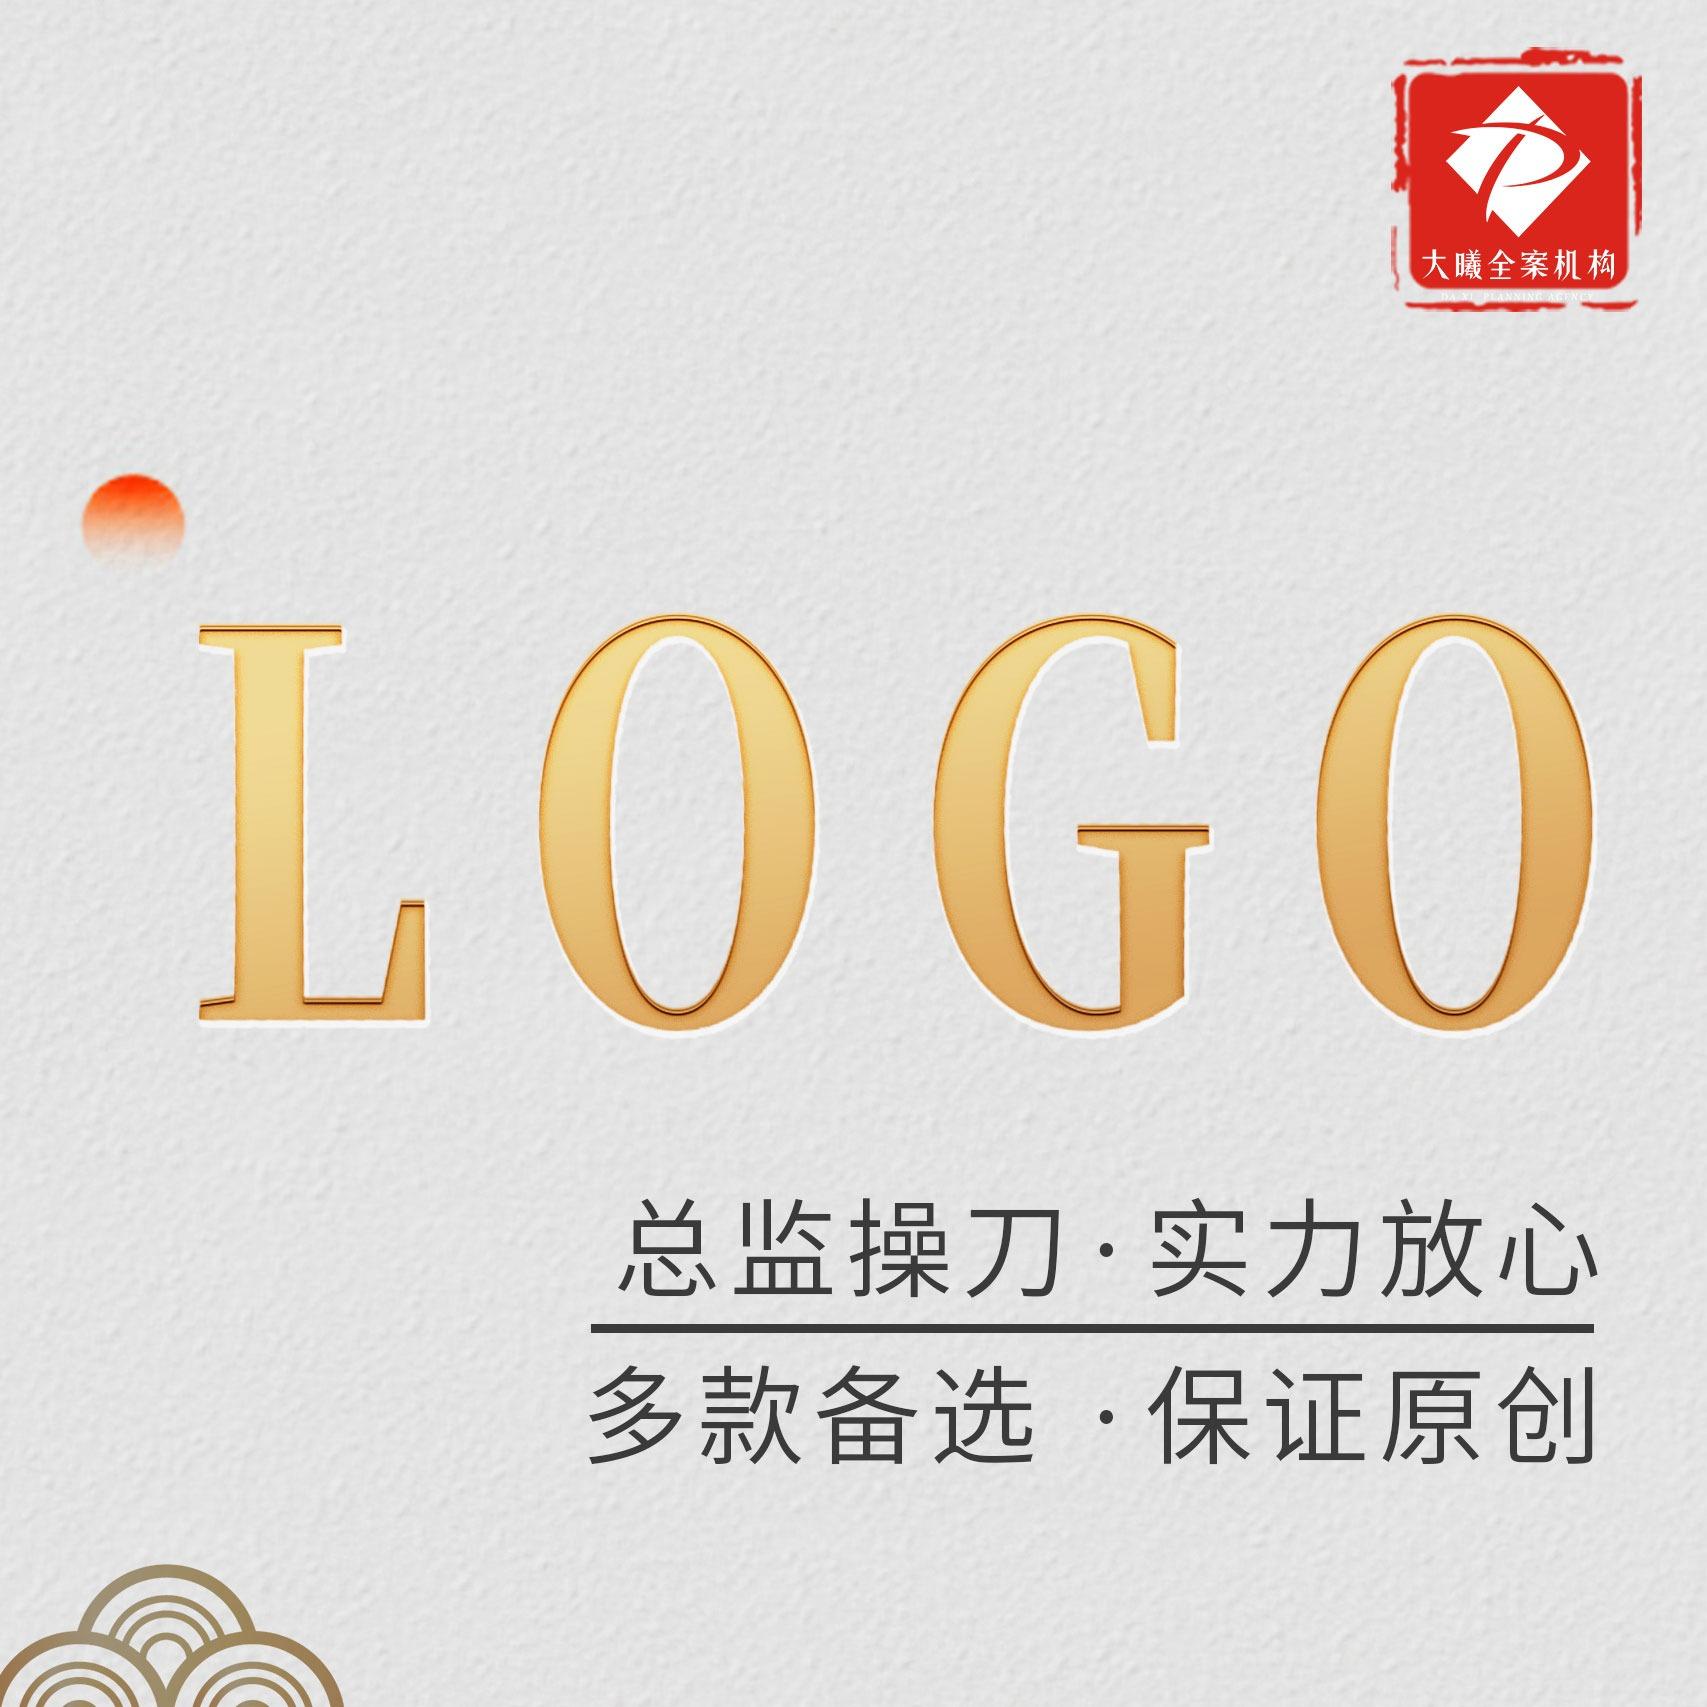 餐饮教育公司 LOGO  logo 设计图形设计字体设计原创总监版